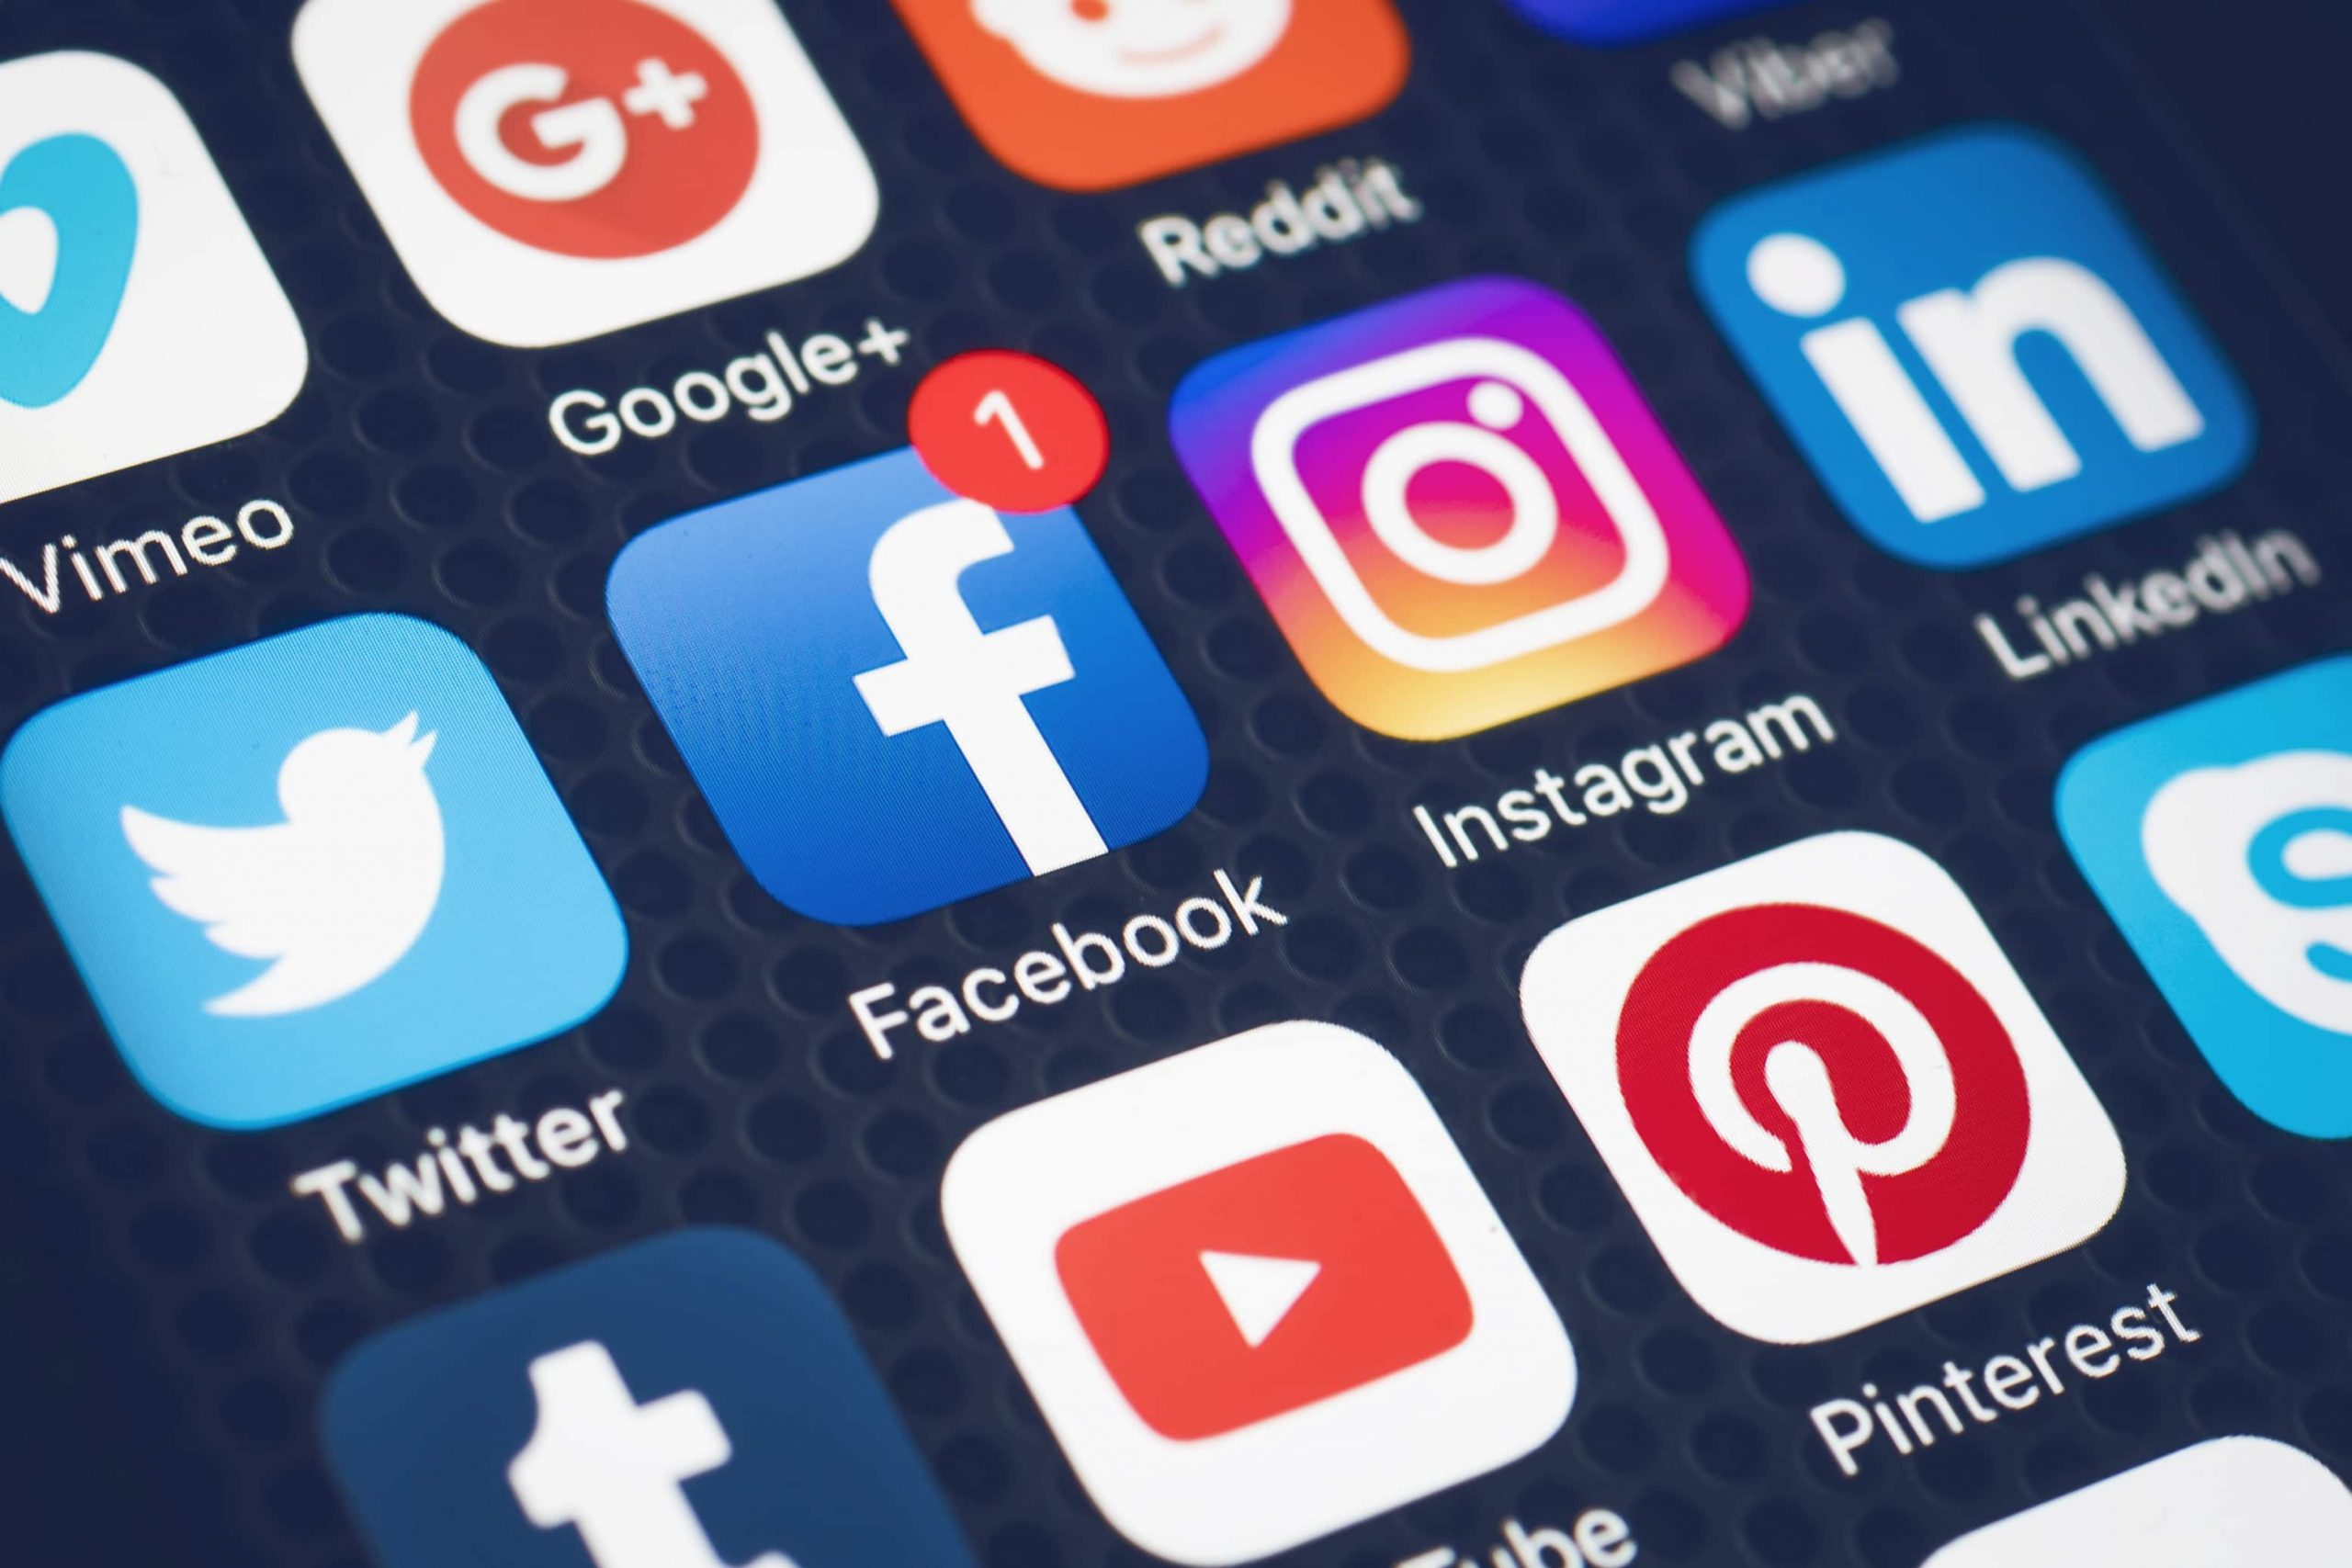 Gjashtë gjërat që nuk duhet t'i shpërndani në rrjetet sociale